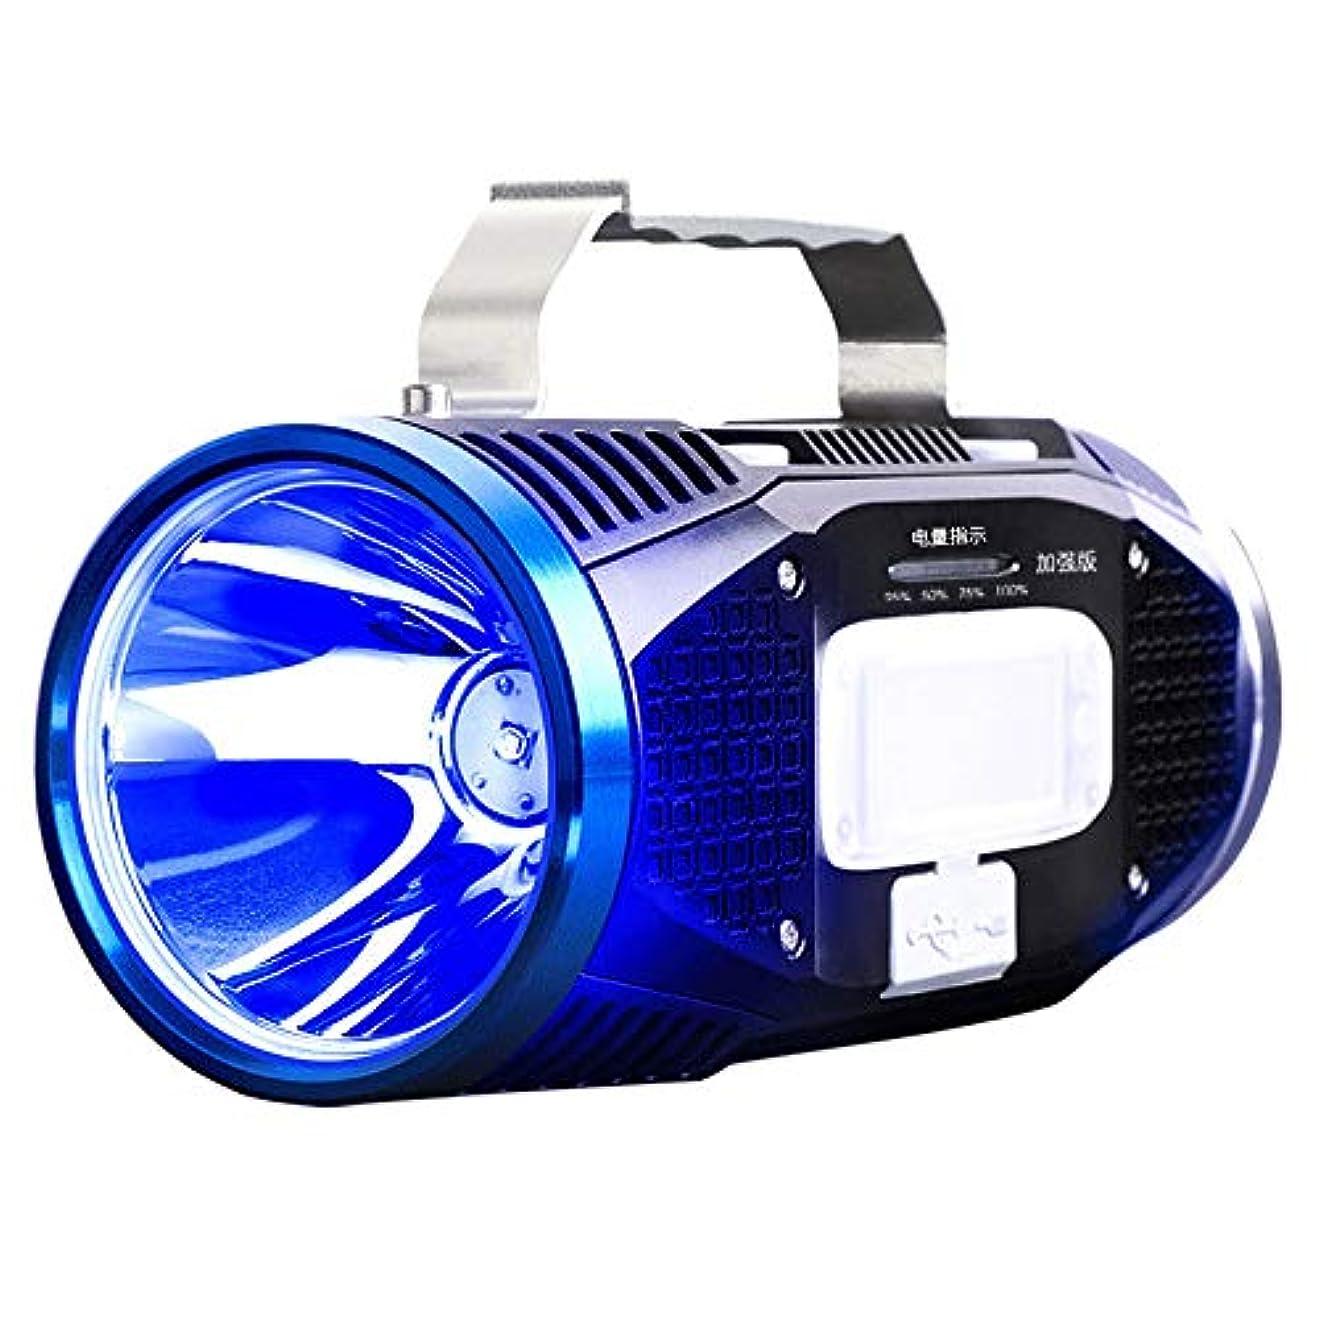 ステンレスフェードエンティティナイトフィッシングライトライト電荷餌ライトブルーとホワイトダブルライトソース超明るい釣りライト